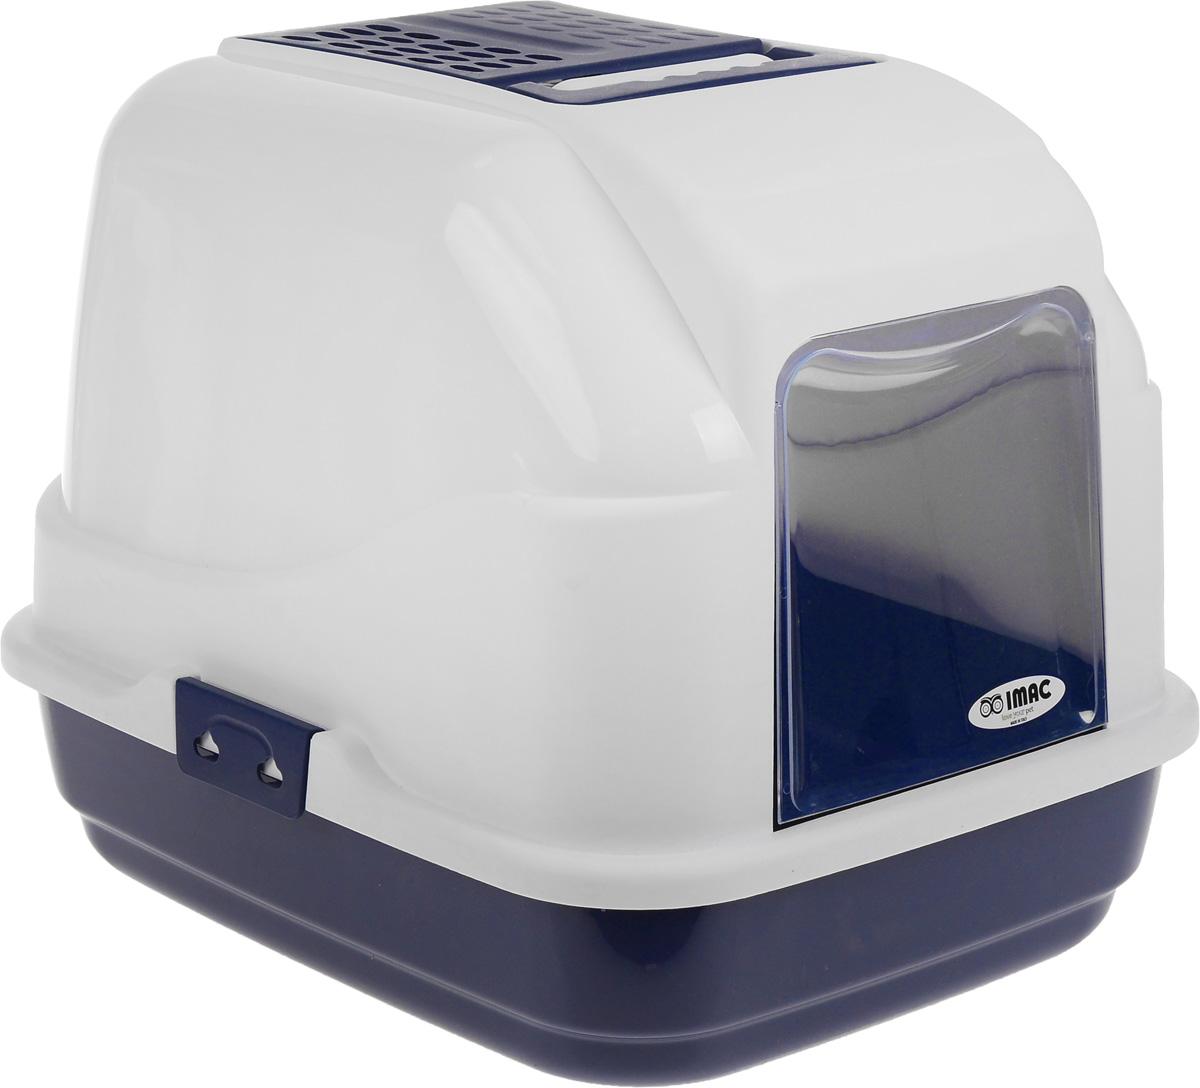 Туалет для кошек IMAC Easy Cat, закрытый, цвет: белый, синий, 50 х 40 х 40 см савик туалет закрытый бело голубой с рисунком для кошек savic sphinx impression 1 шт